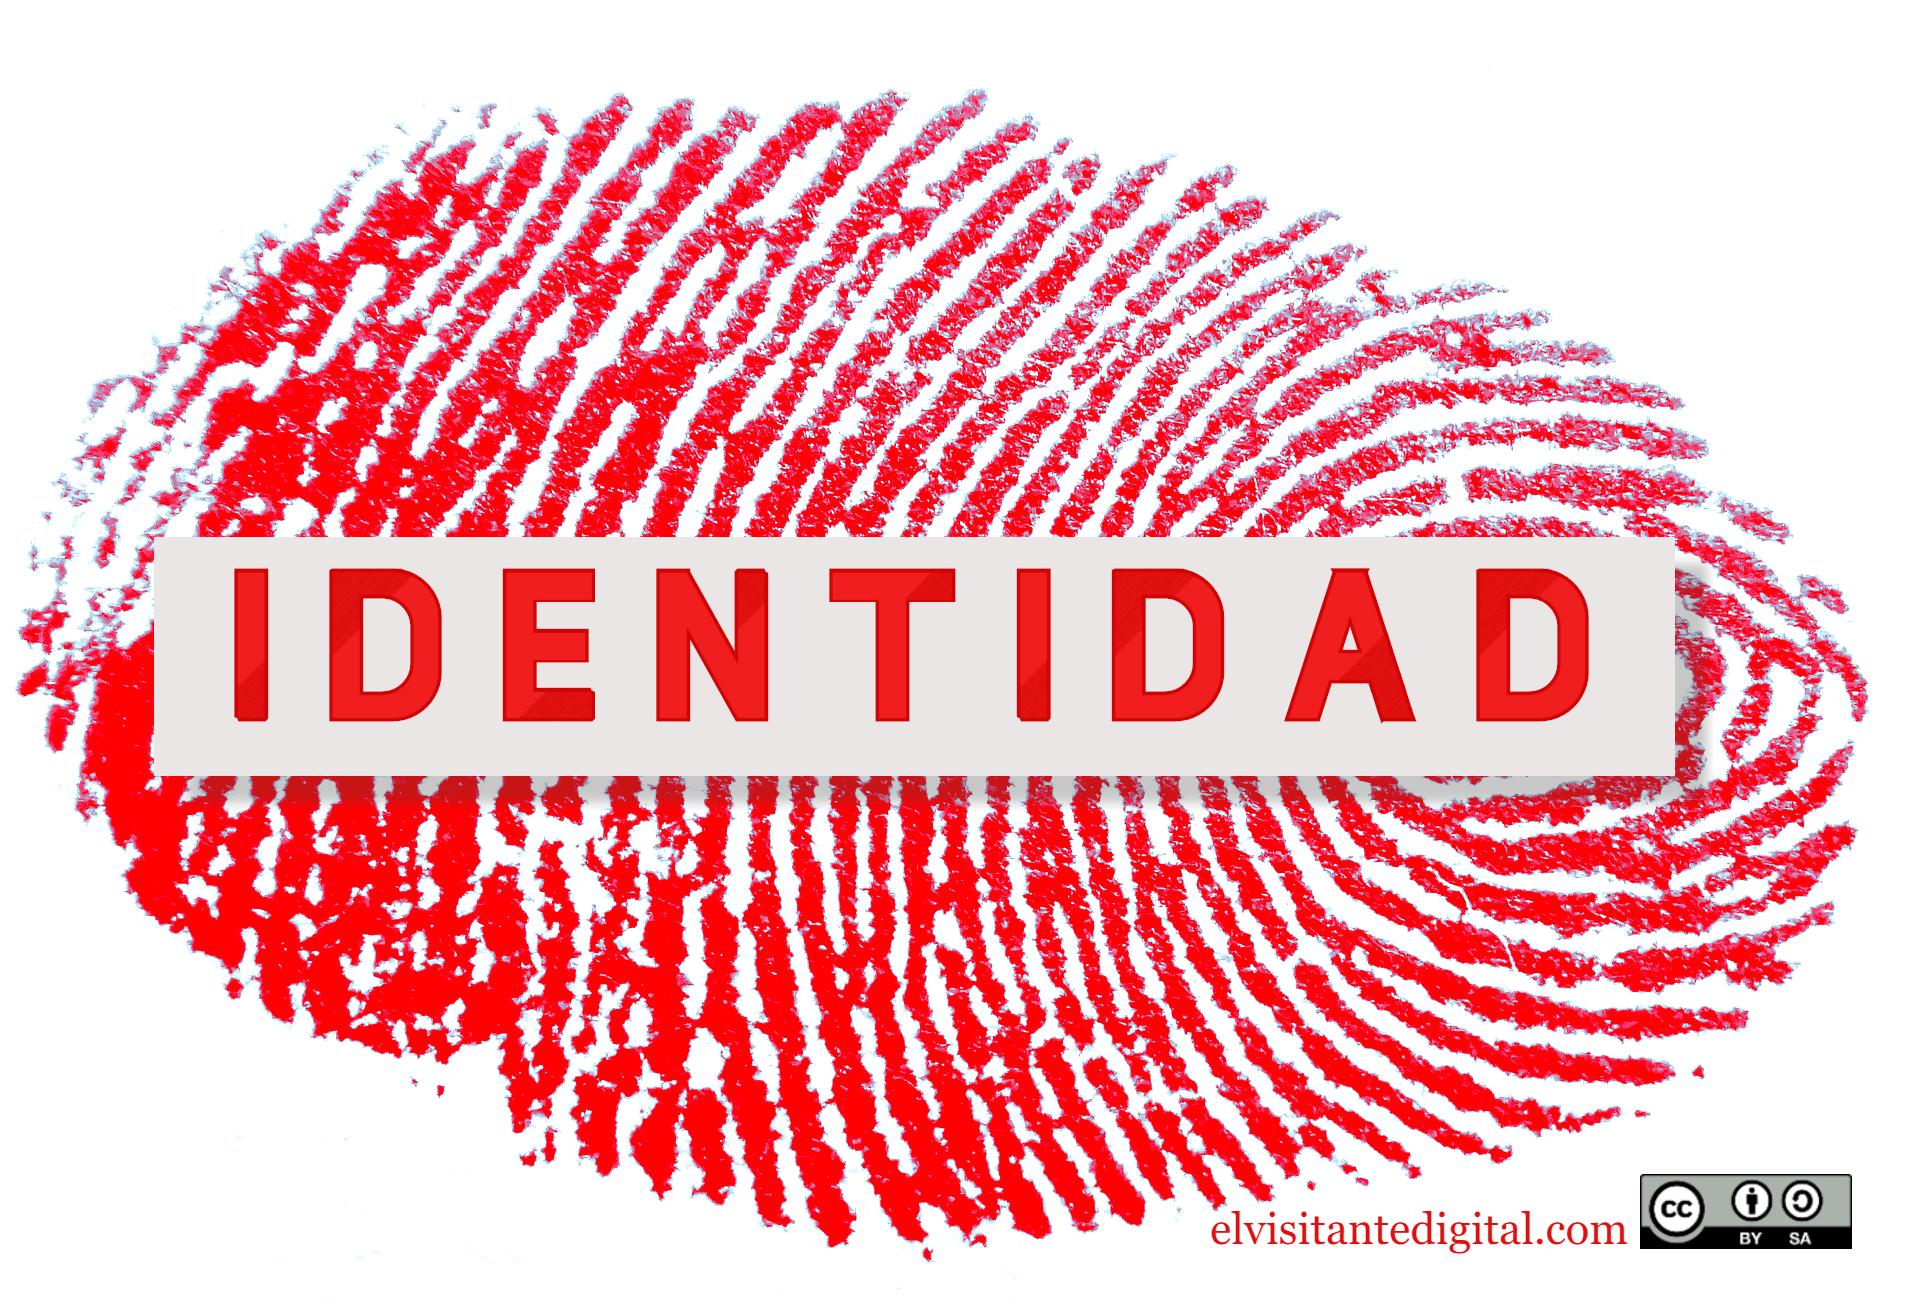 Identidad digital, huella y reputación online 🕵️♀️